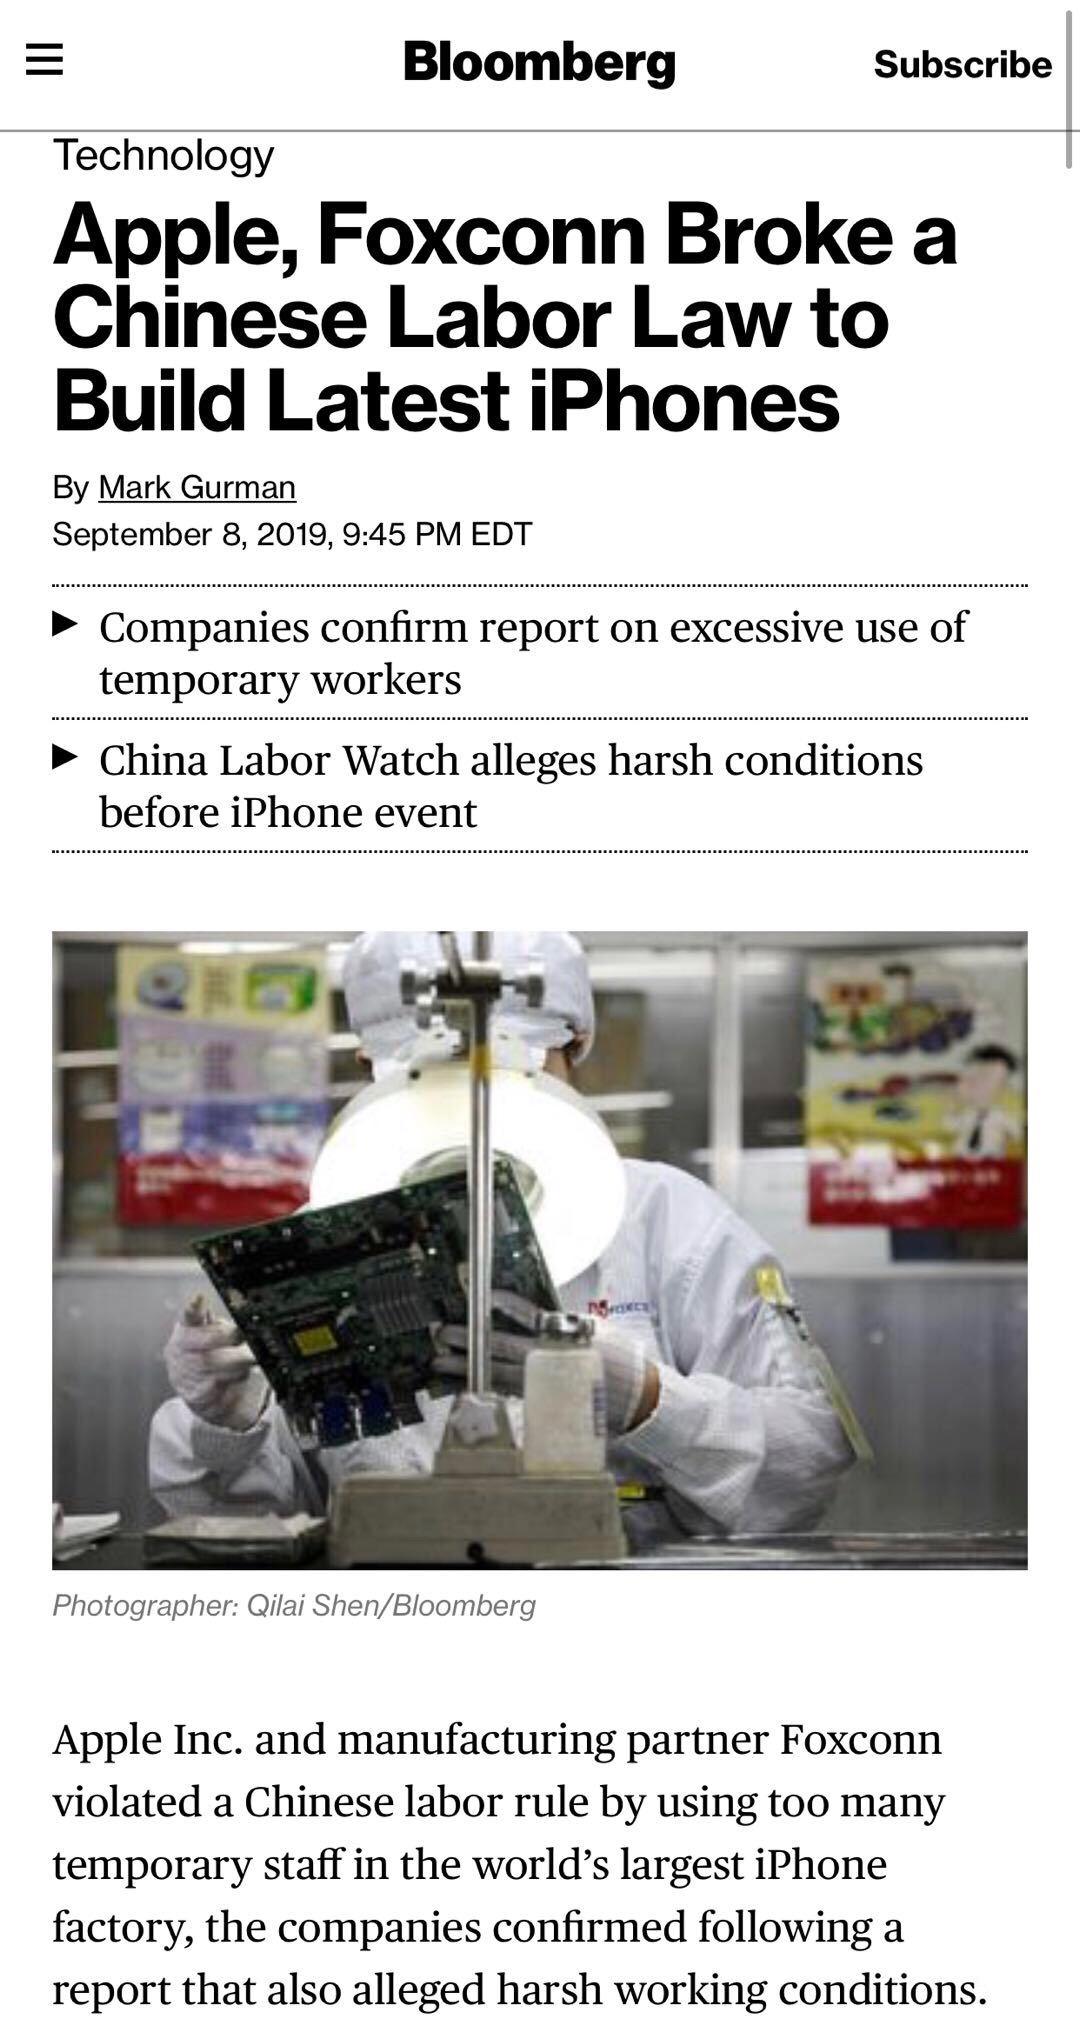 苹果承认违反中国劳动法:临时工占50% 远高于法规10%的照片 - 2